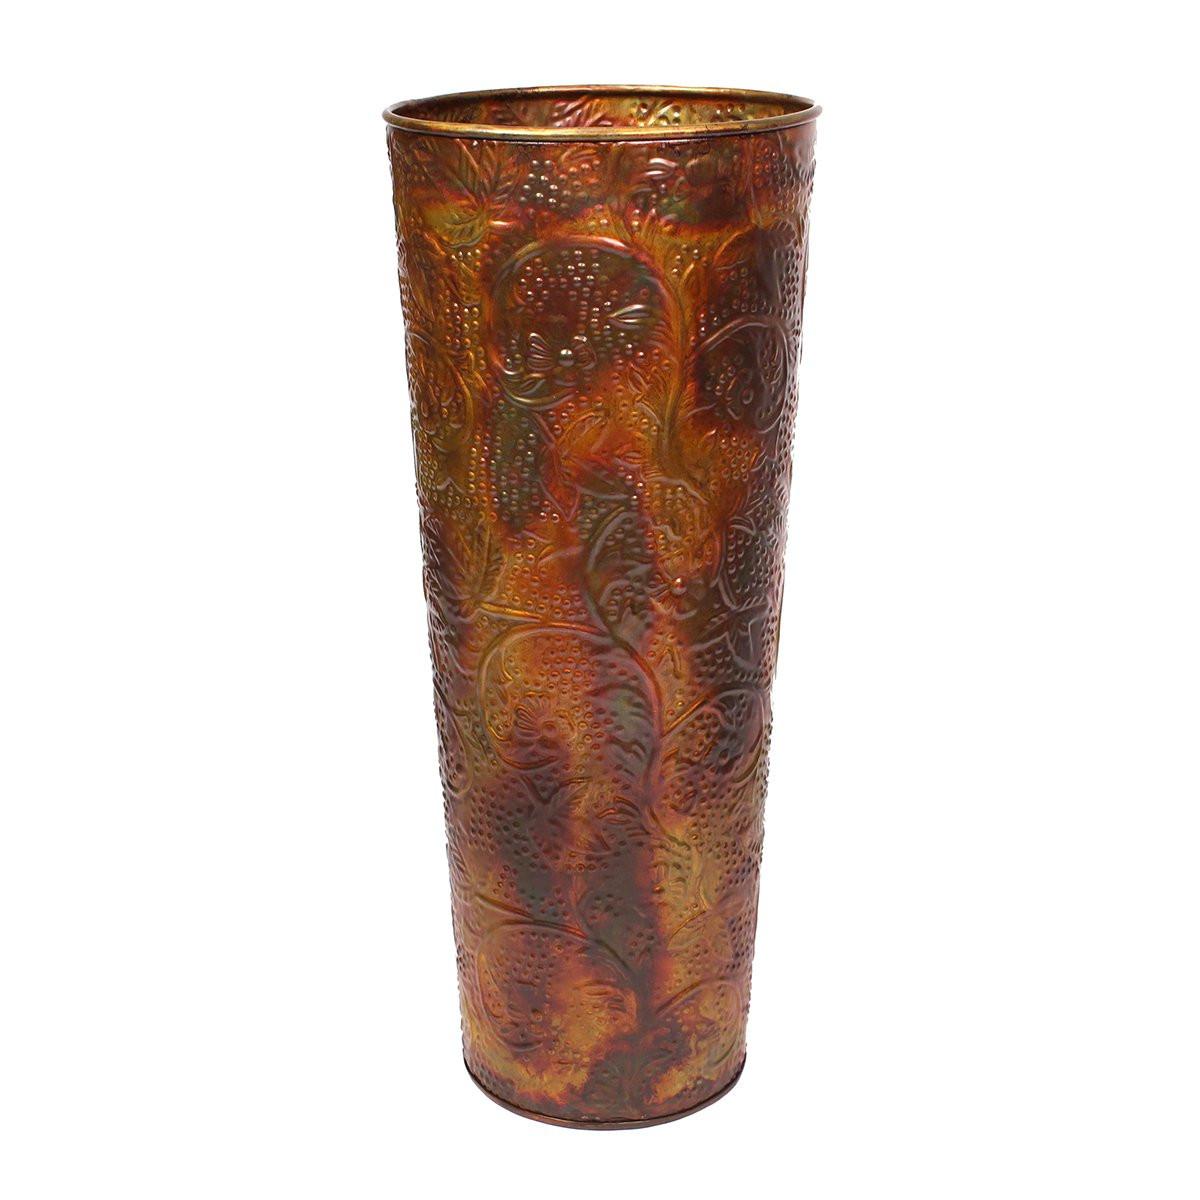 hammered metal vases silver of vineworks page 4 regarding hammered ironwork tall cylinder vineworks vineworks fair trade